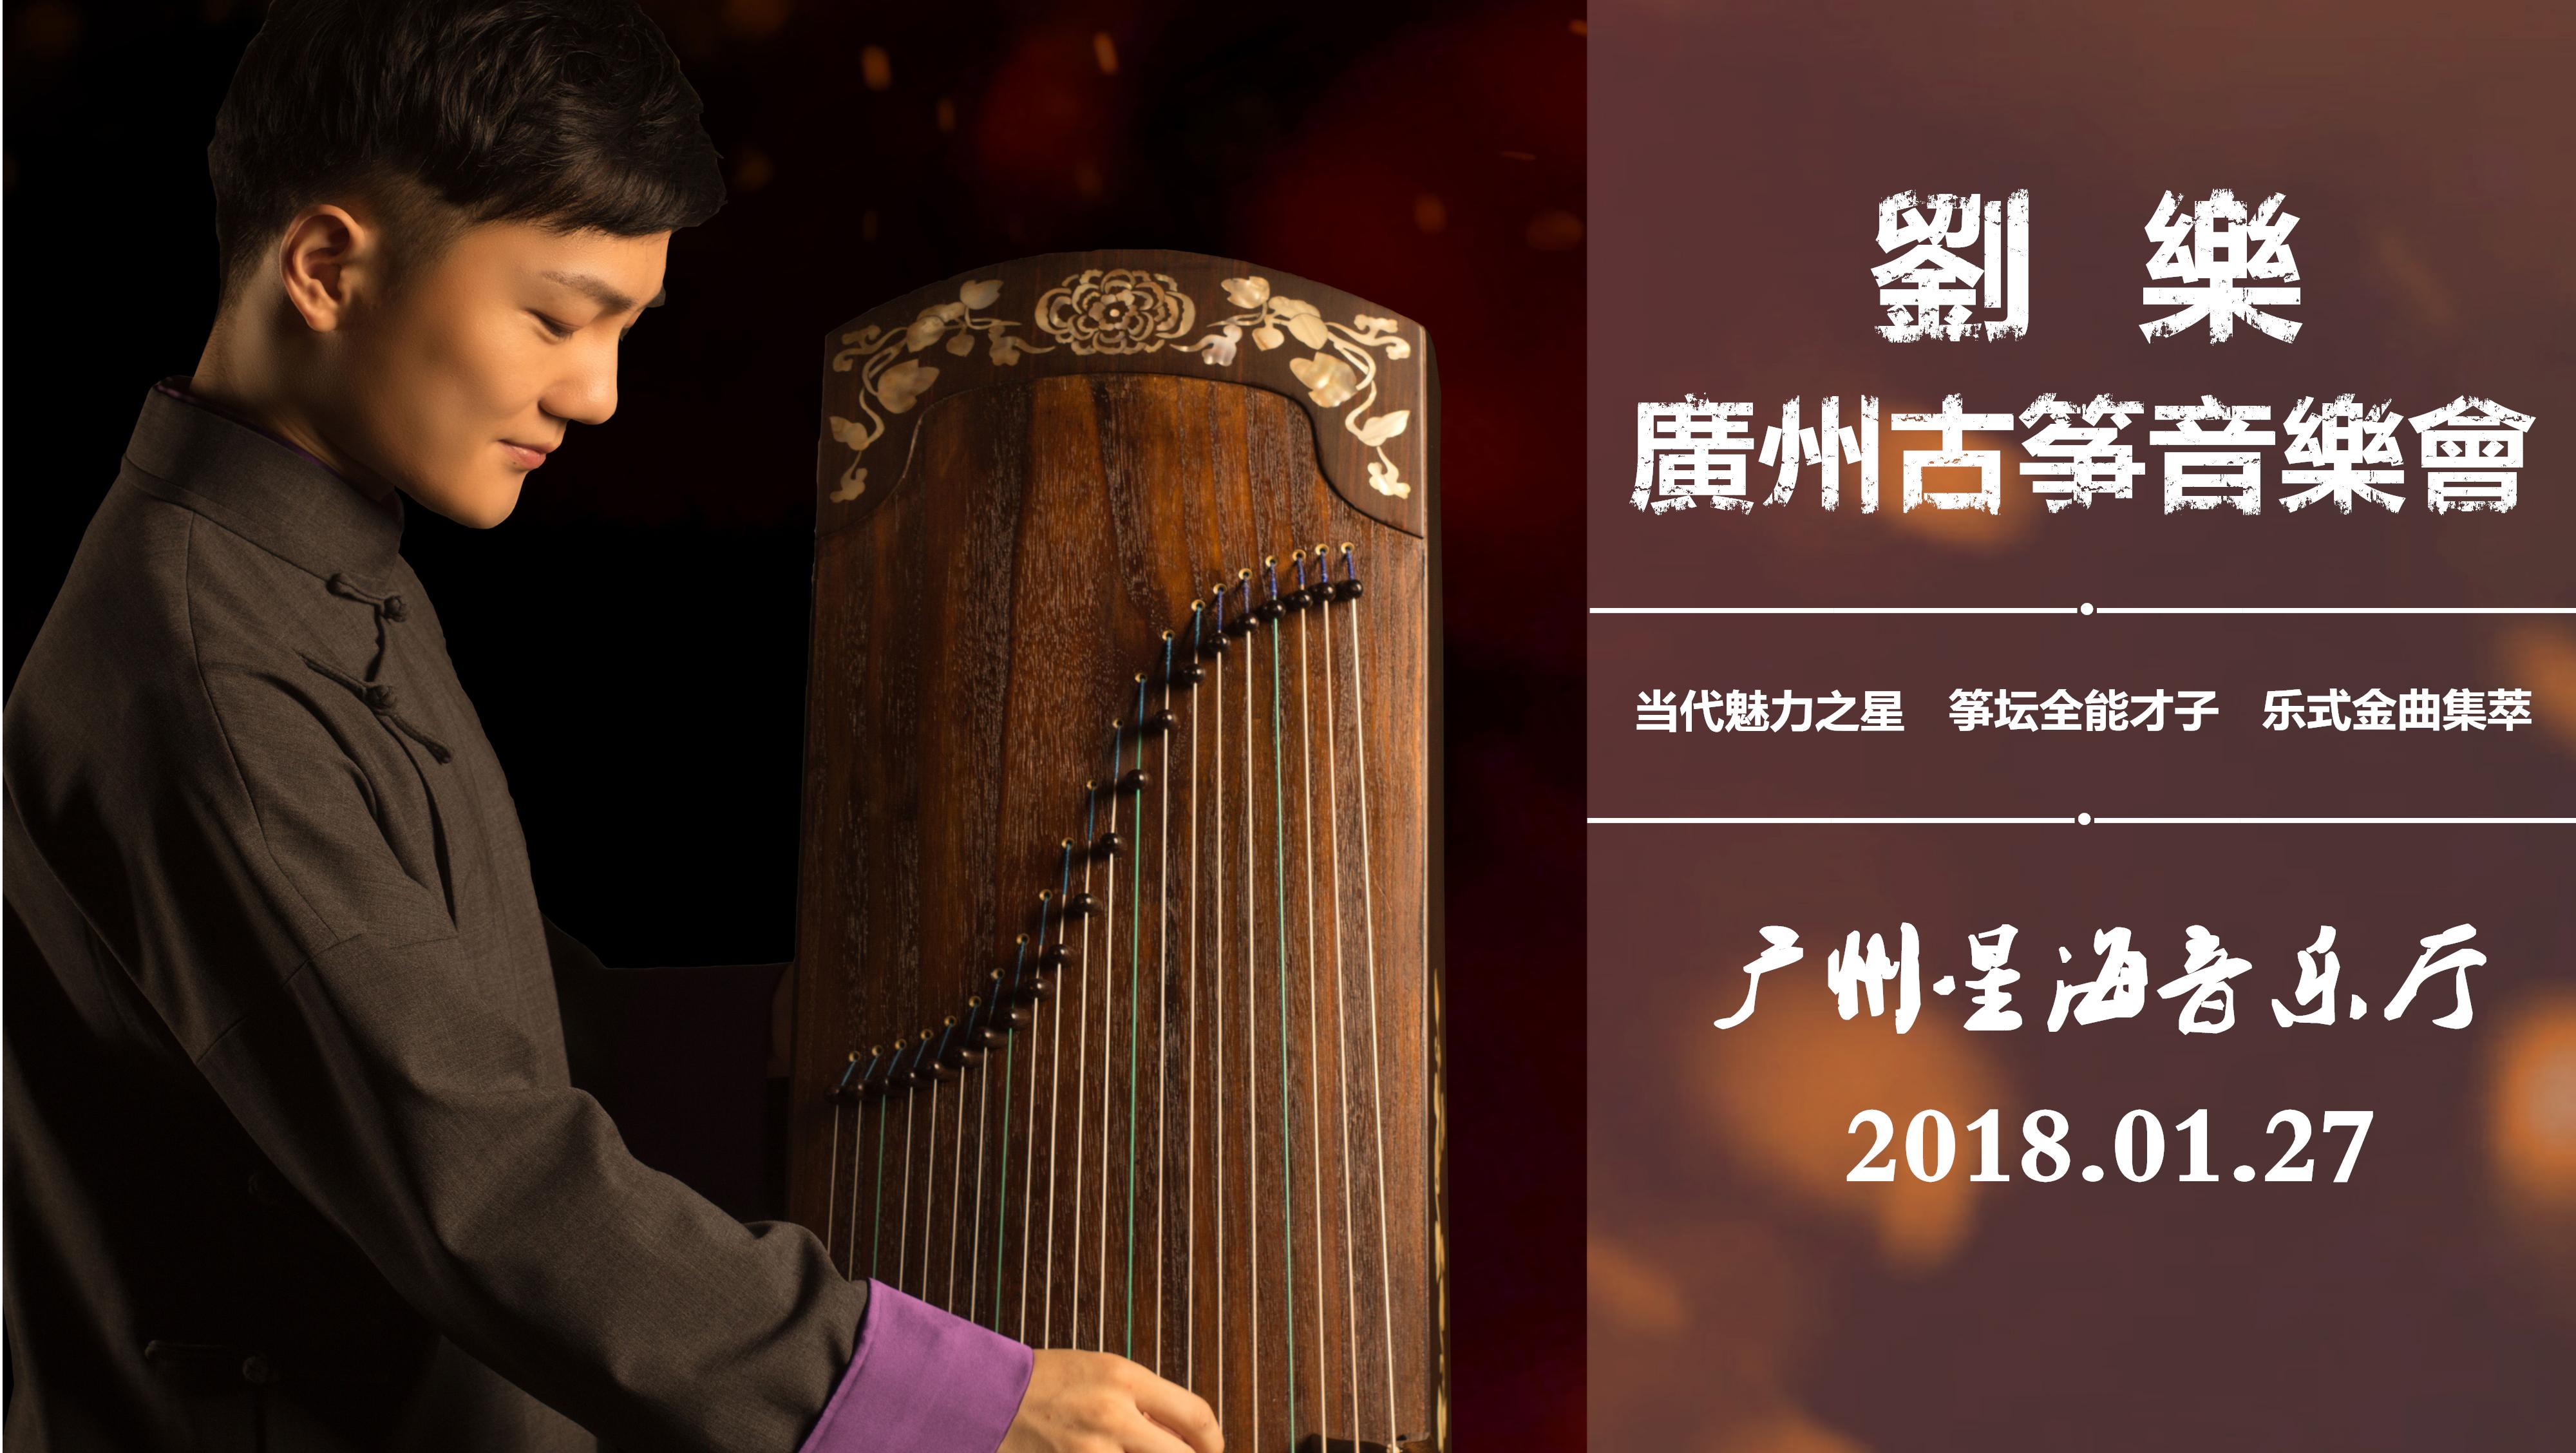 育韵之约2018年刘乐广州古筝音乐会